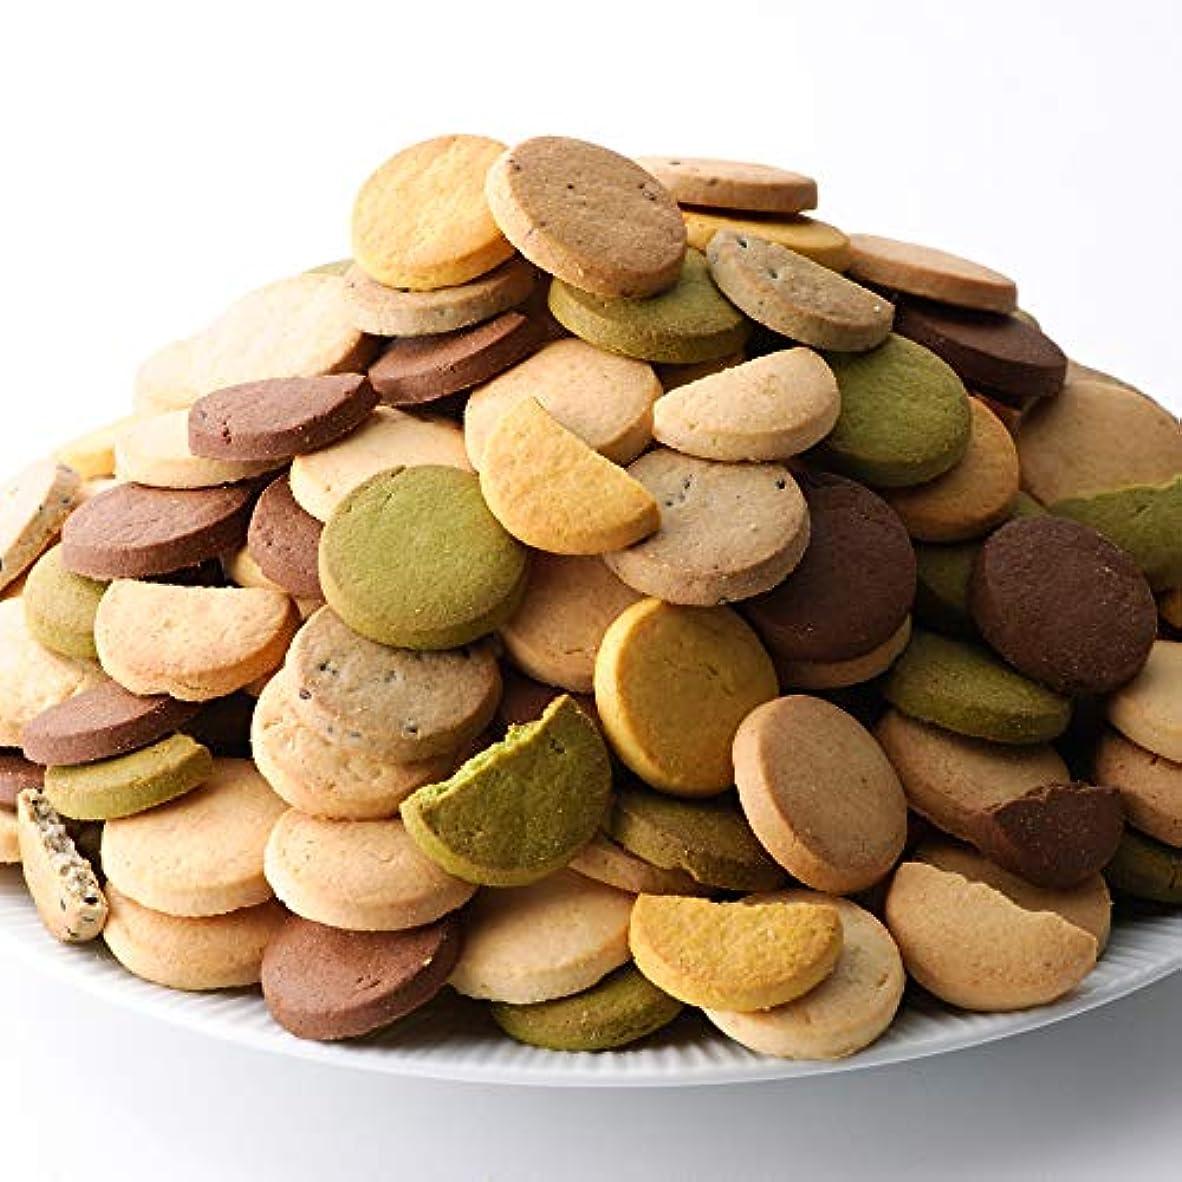 クスコ三角形推測する豆乳おからクッキー 1kg(200g×5袋)1枚約16kcal